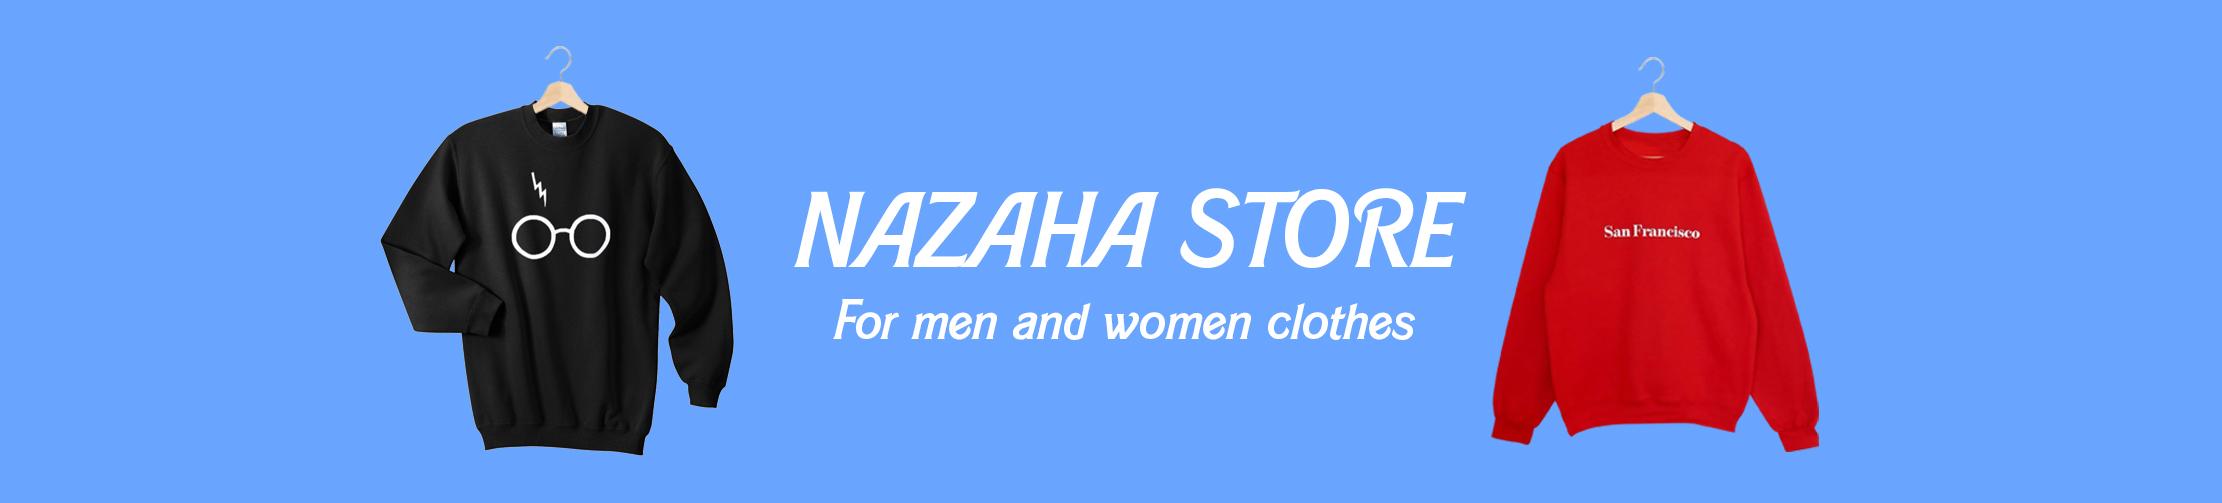 nazaha store